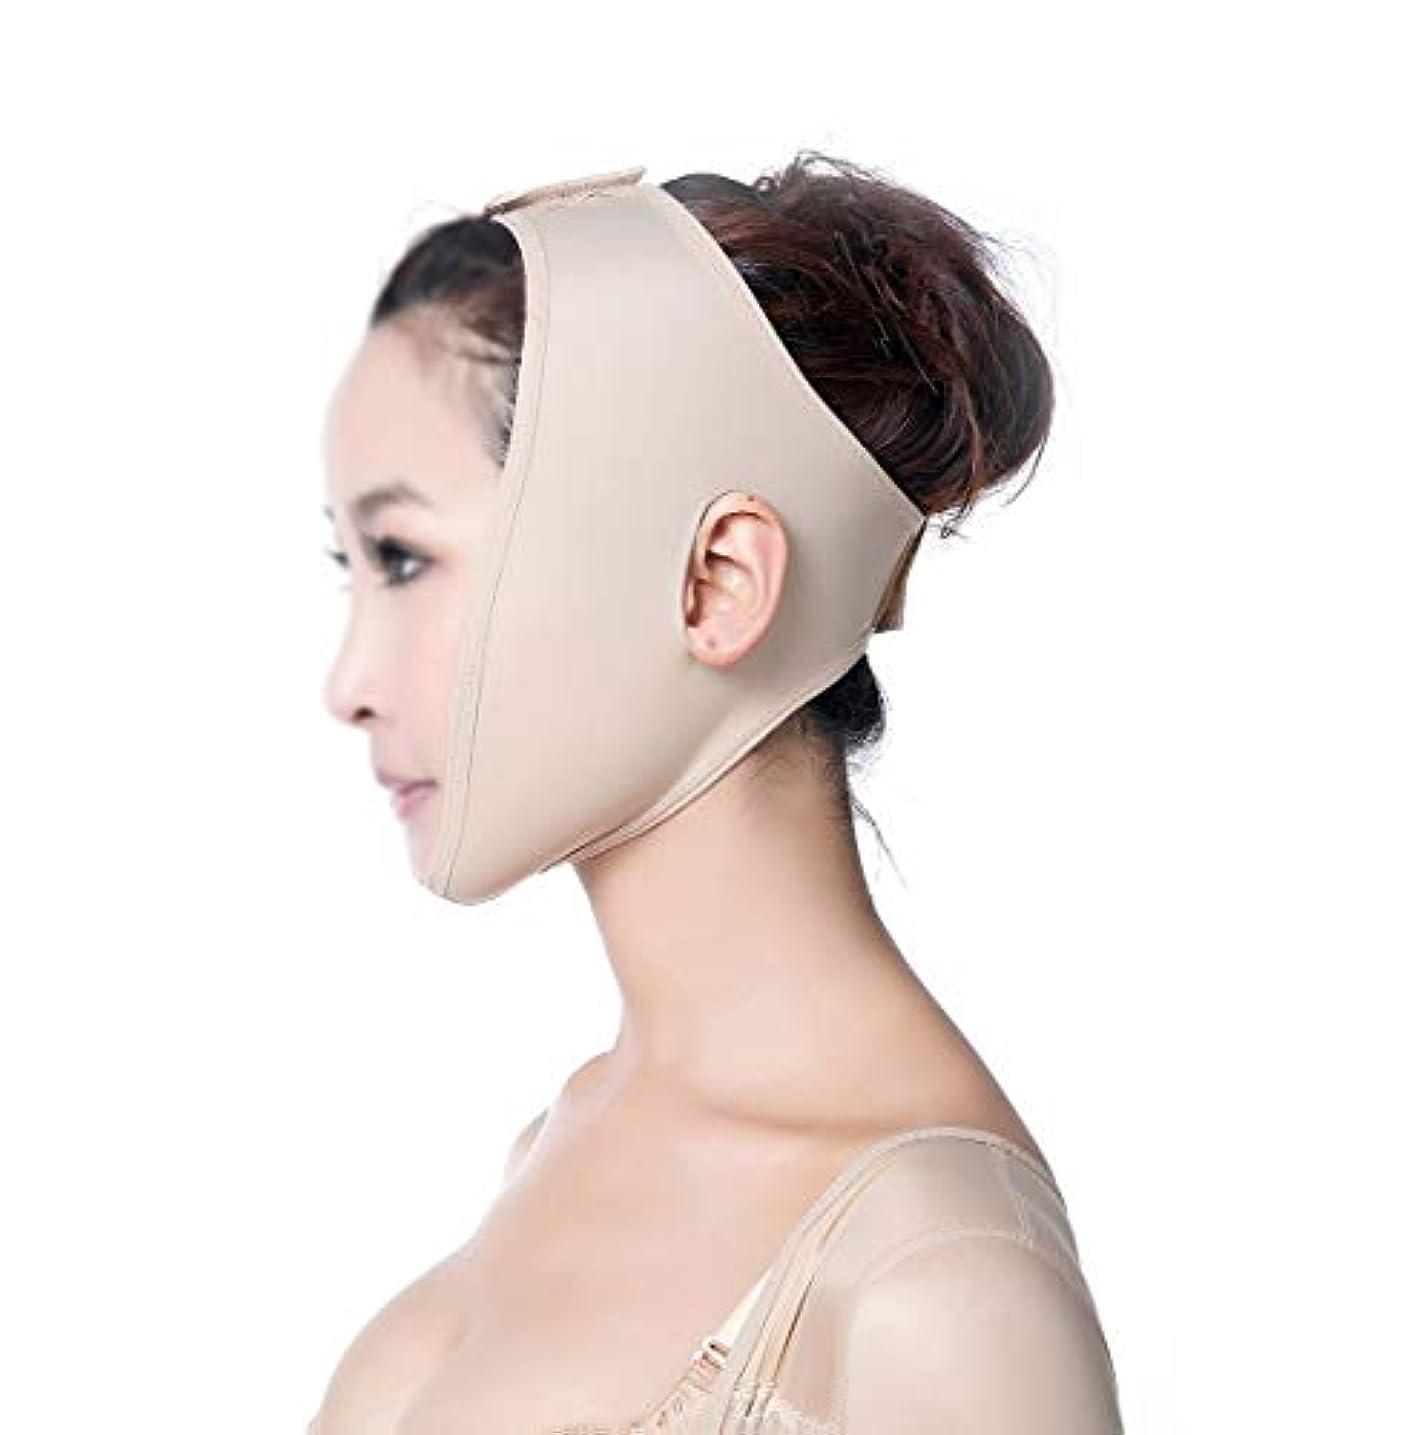 送信する意識外出フェイスリフトマスクフェイス&ネックリフトポストエラスティックスリーブ下顎セットフェイスアーティファクトVフェイスフェイシャルフェイスバンドルダブルチンマスク (Size : XS)